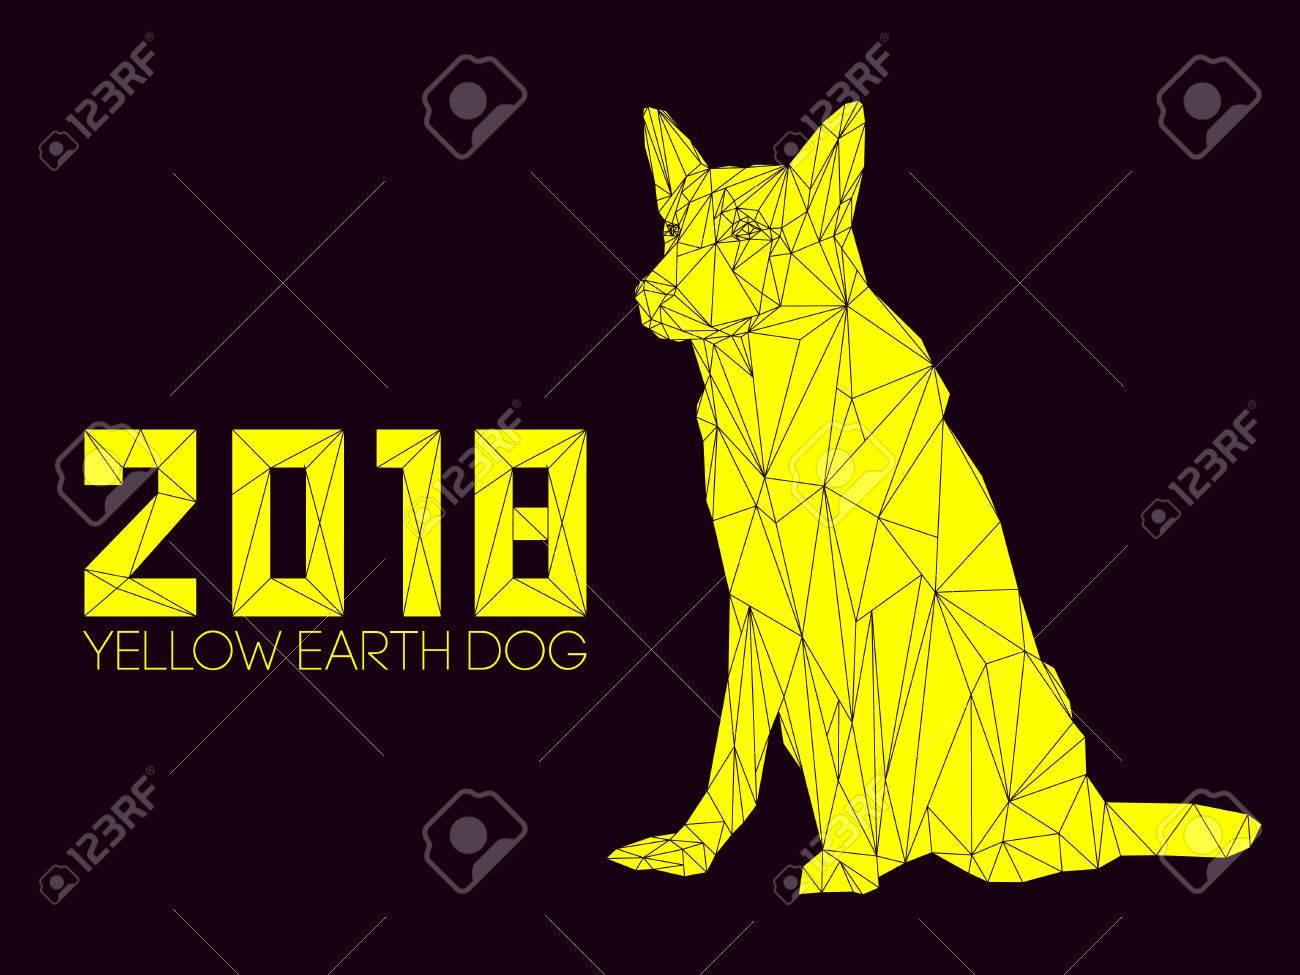 Anno Calendario Cinese.Il Cane E Il Simbolo Del Nuovo Anno 2018 Secondo Il Calendario Cinese Year Of Yellow Earth Dog Guardia Cane Pastore Tedesco In Stile Poligonale